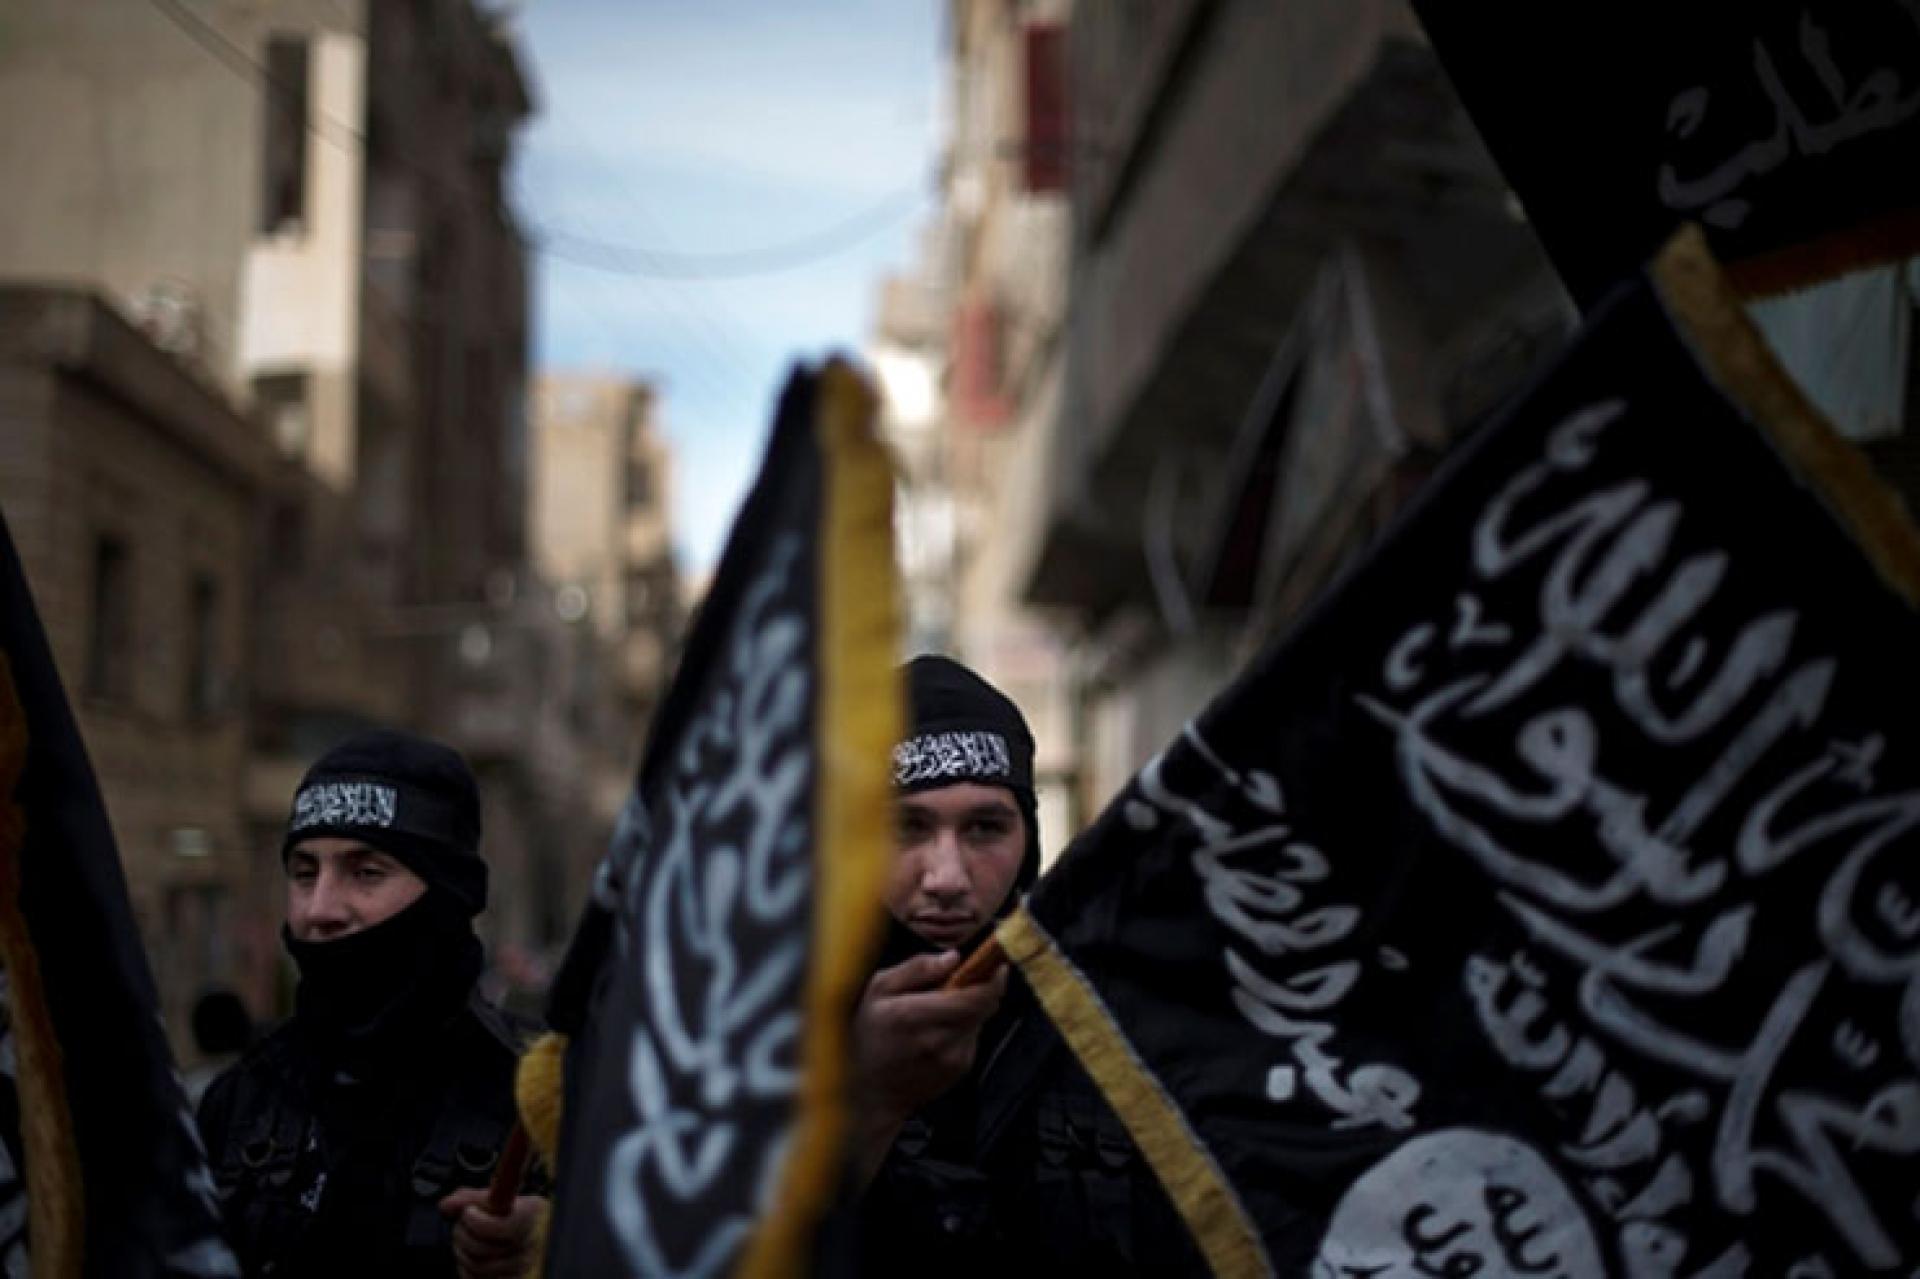 الإسلاميون السوريون وضرورات القطيعة مع خطاب الجهاديين الشعبوي